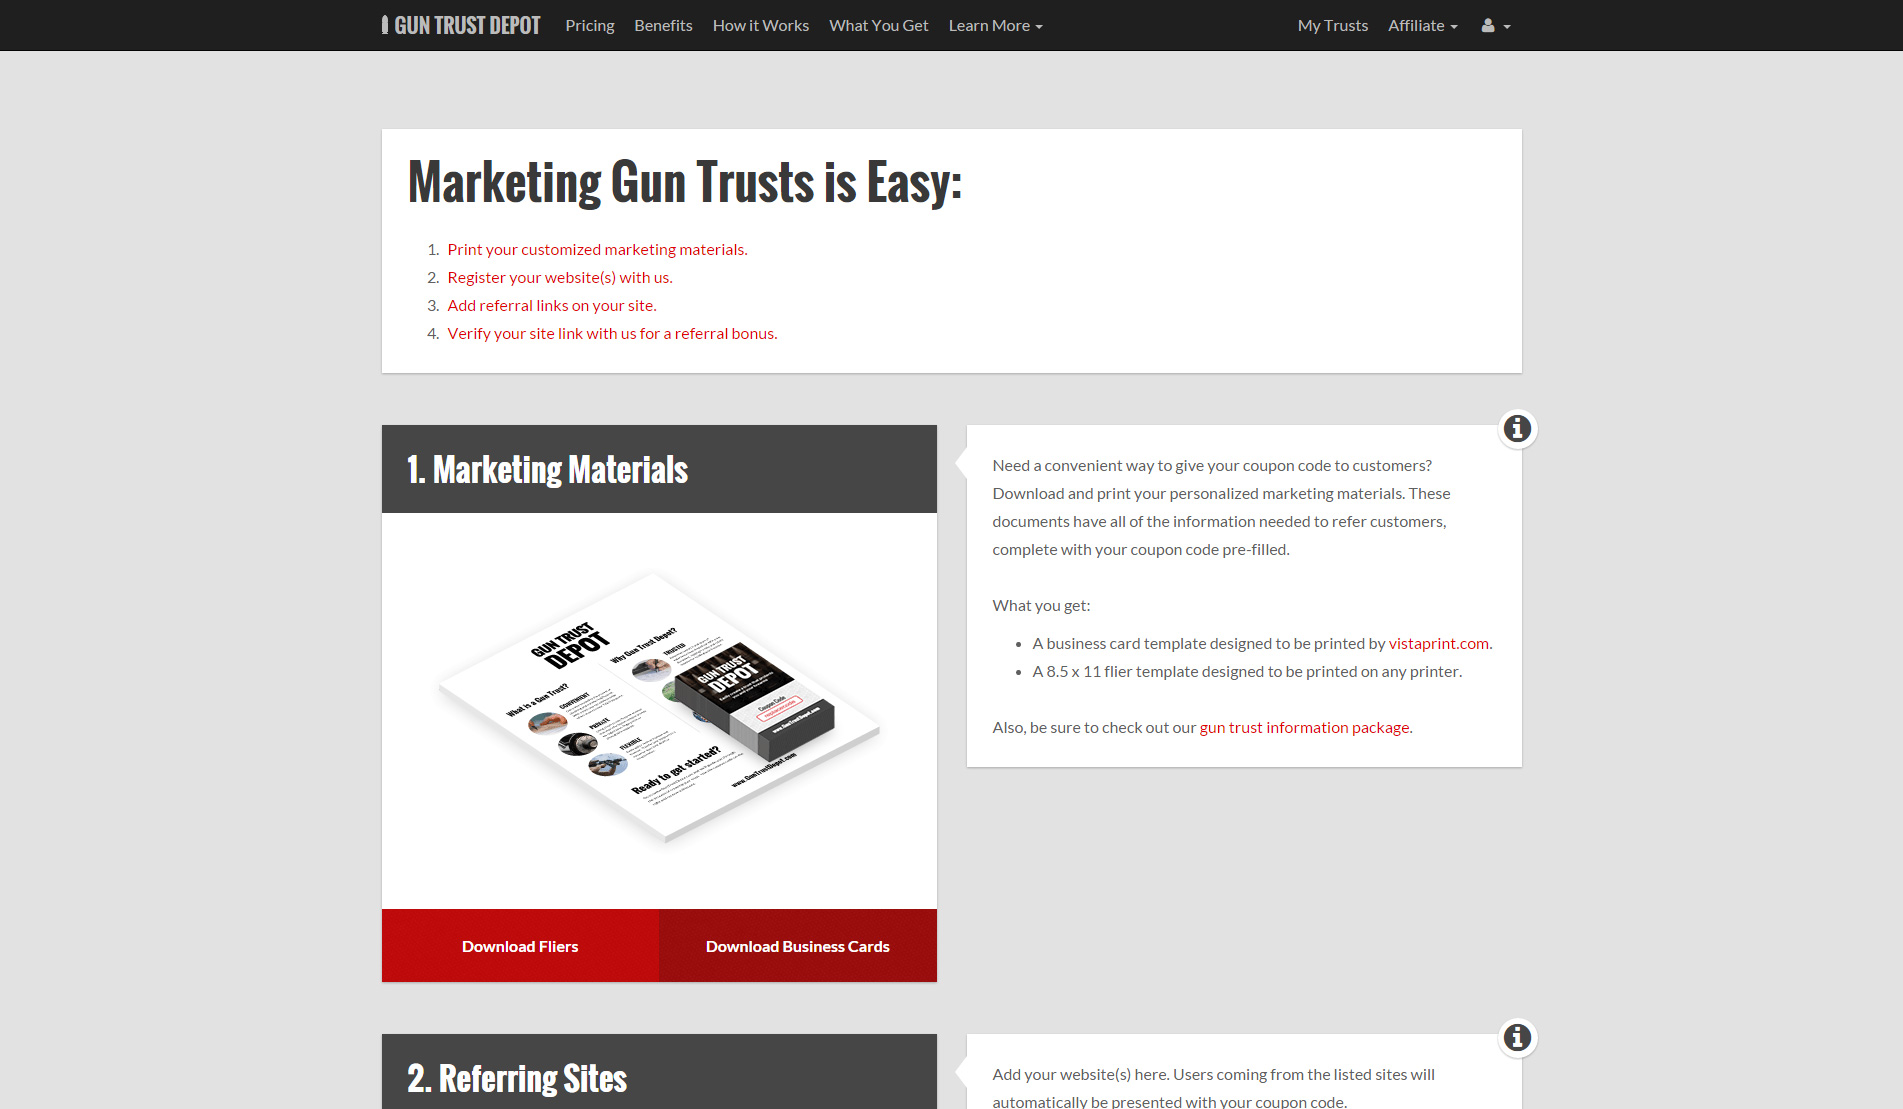 gun trust depot conglomo labs